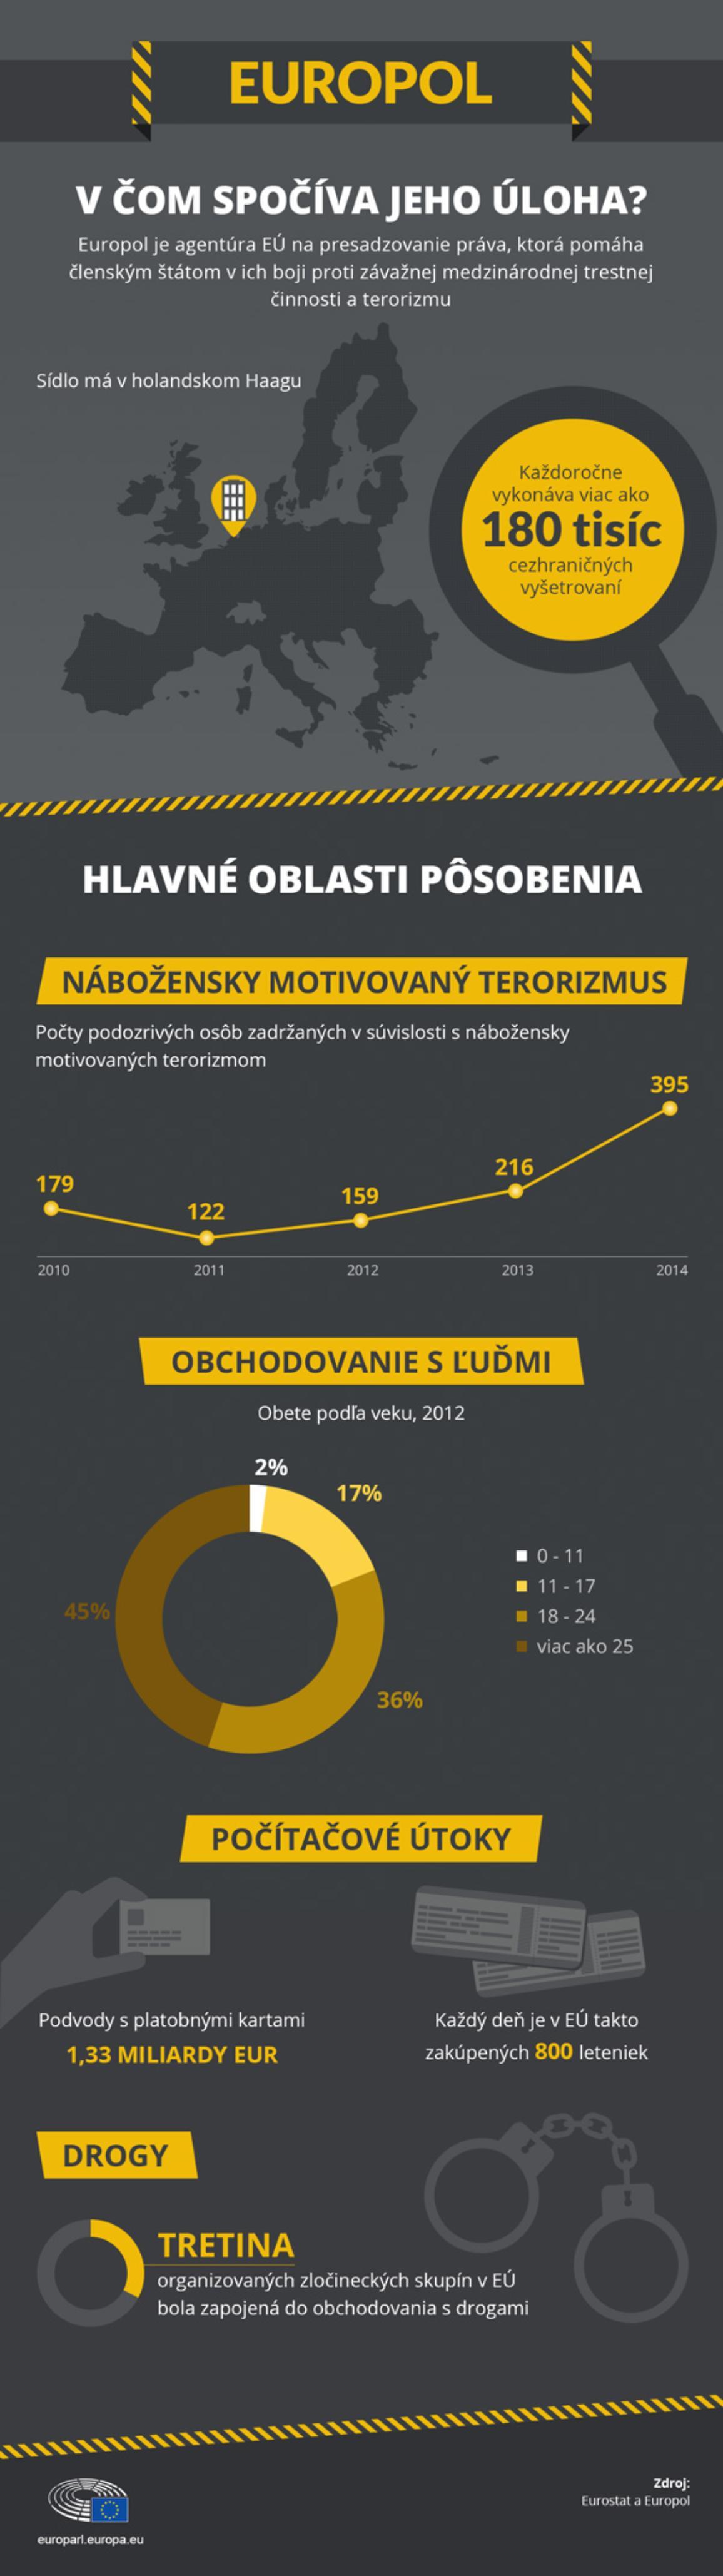 Infografika o Europolu